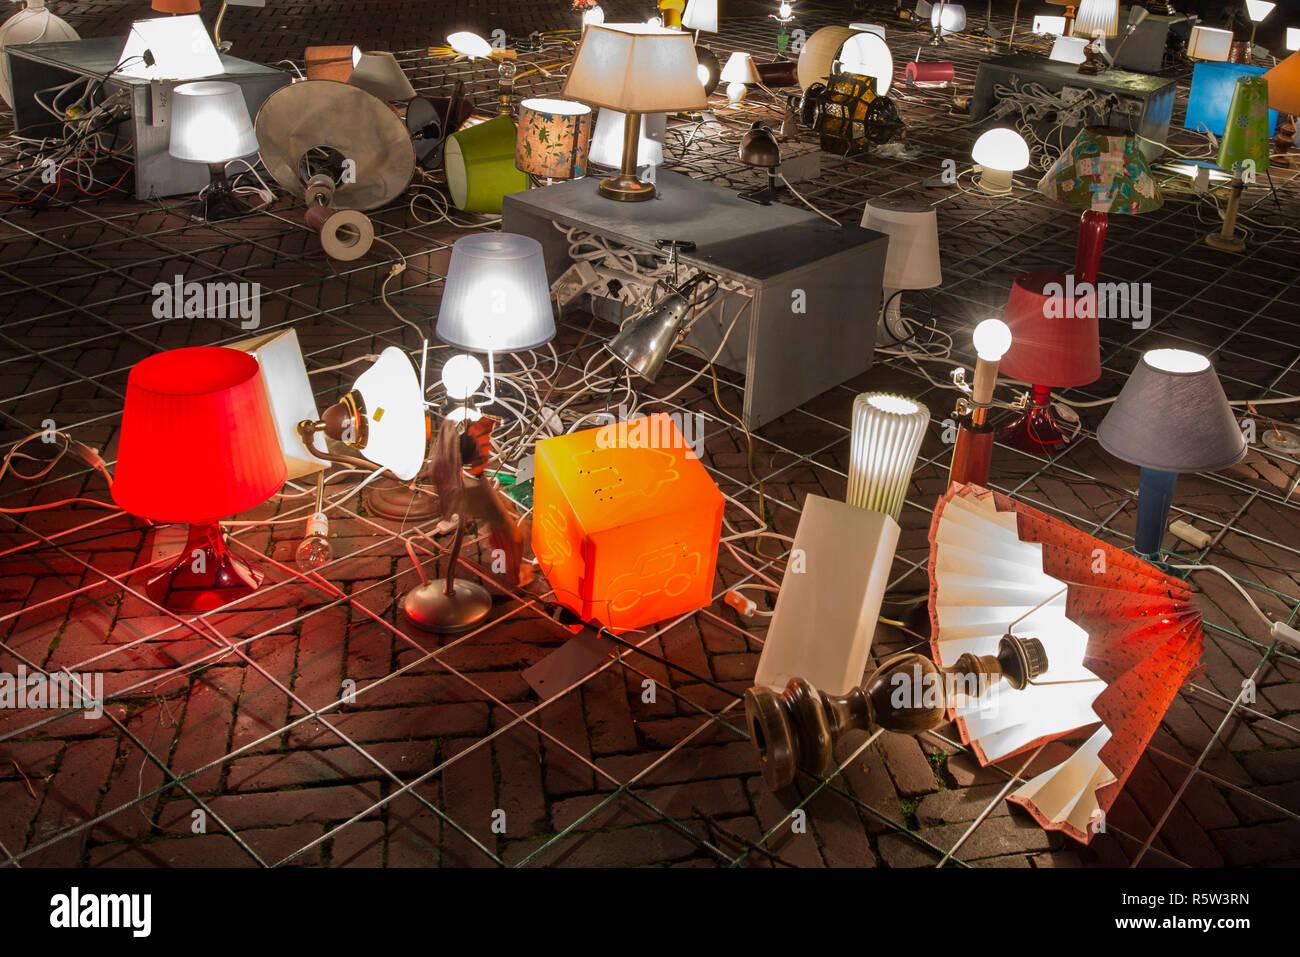 Licht Tour Amsterdam : Artwork wir licht in amsterdam amsterdam mit lampen licht festival